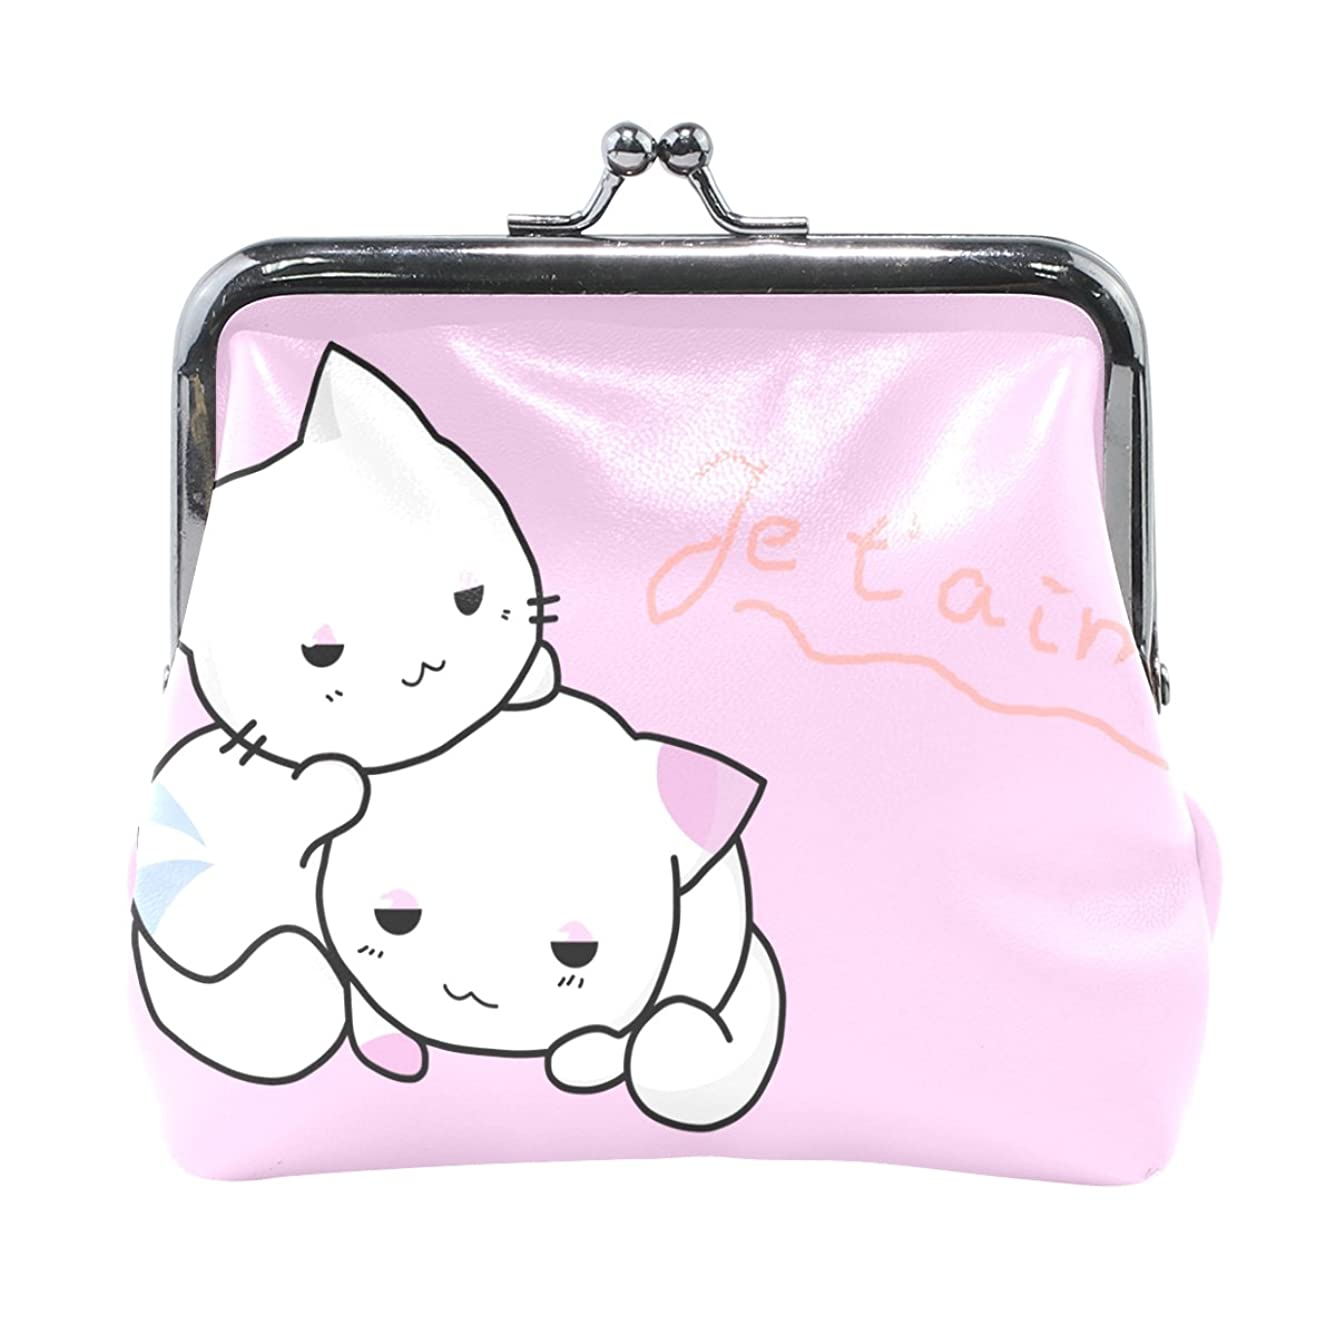 職業アーサーコナンドイル検体AOMOKI 財布 小銭入れ ガマ口 コインケース レザー 猫 白 ピンク かわいい ねこ